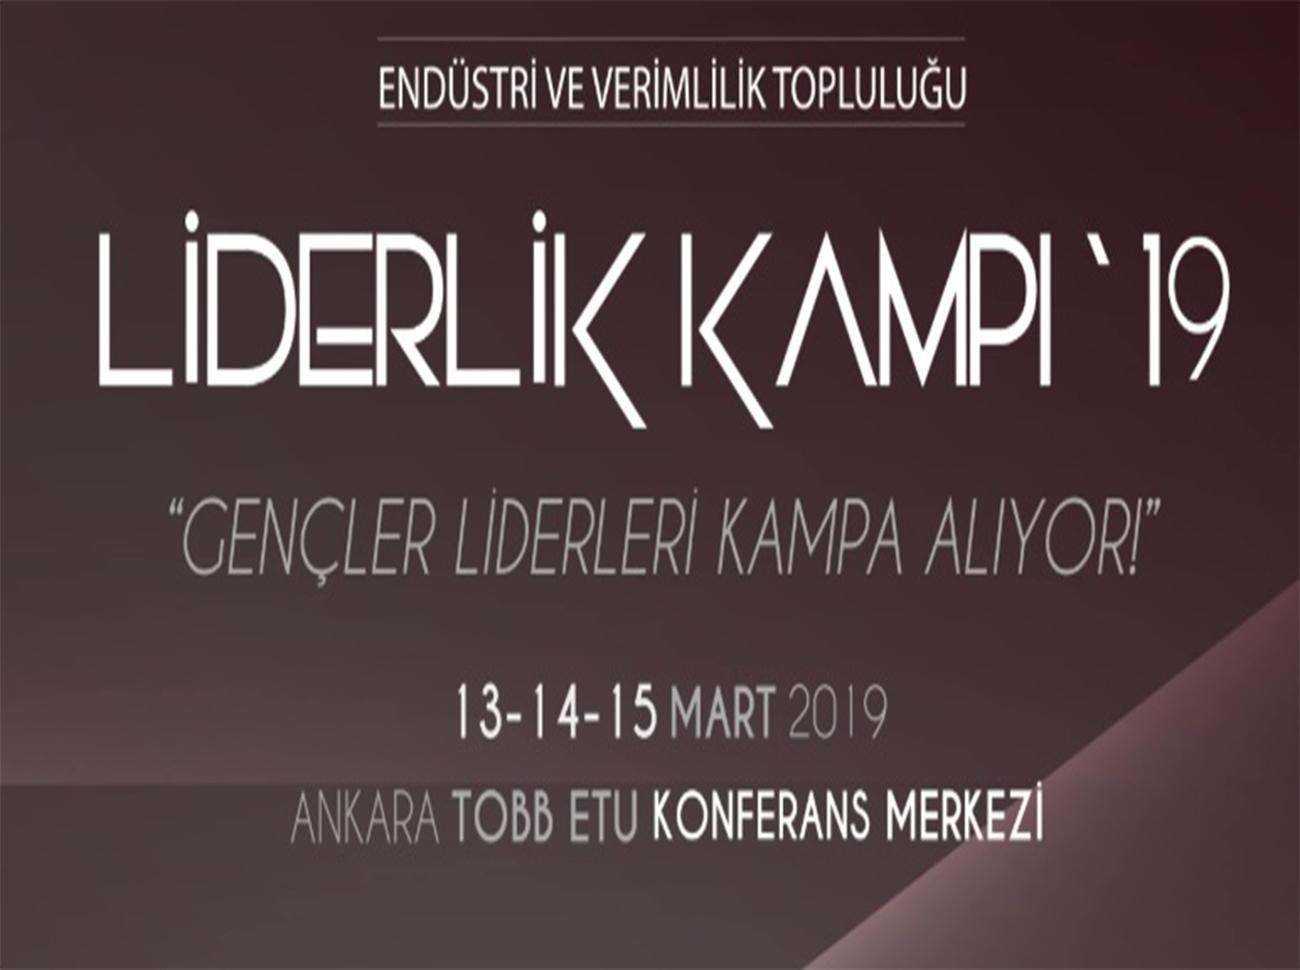 TOBB ETÜ Liderlik Kampı'19